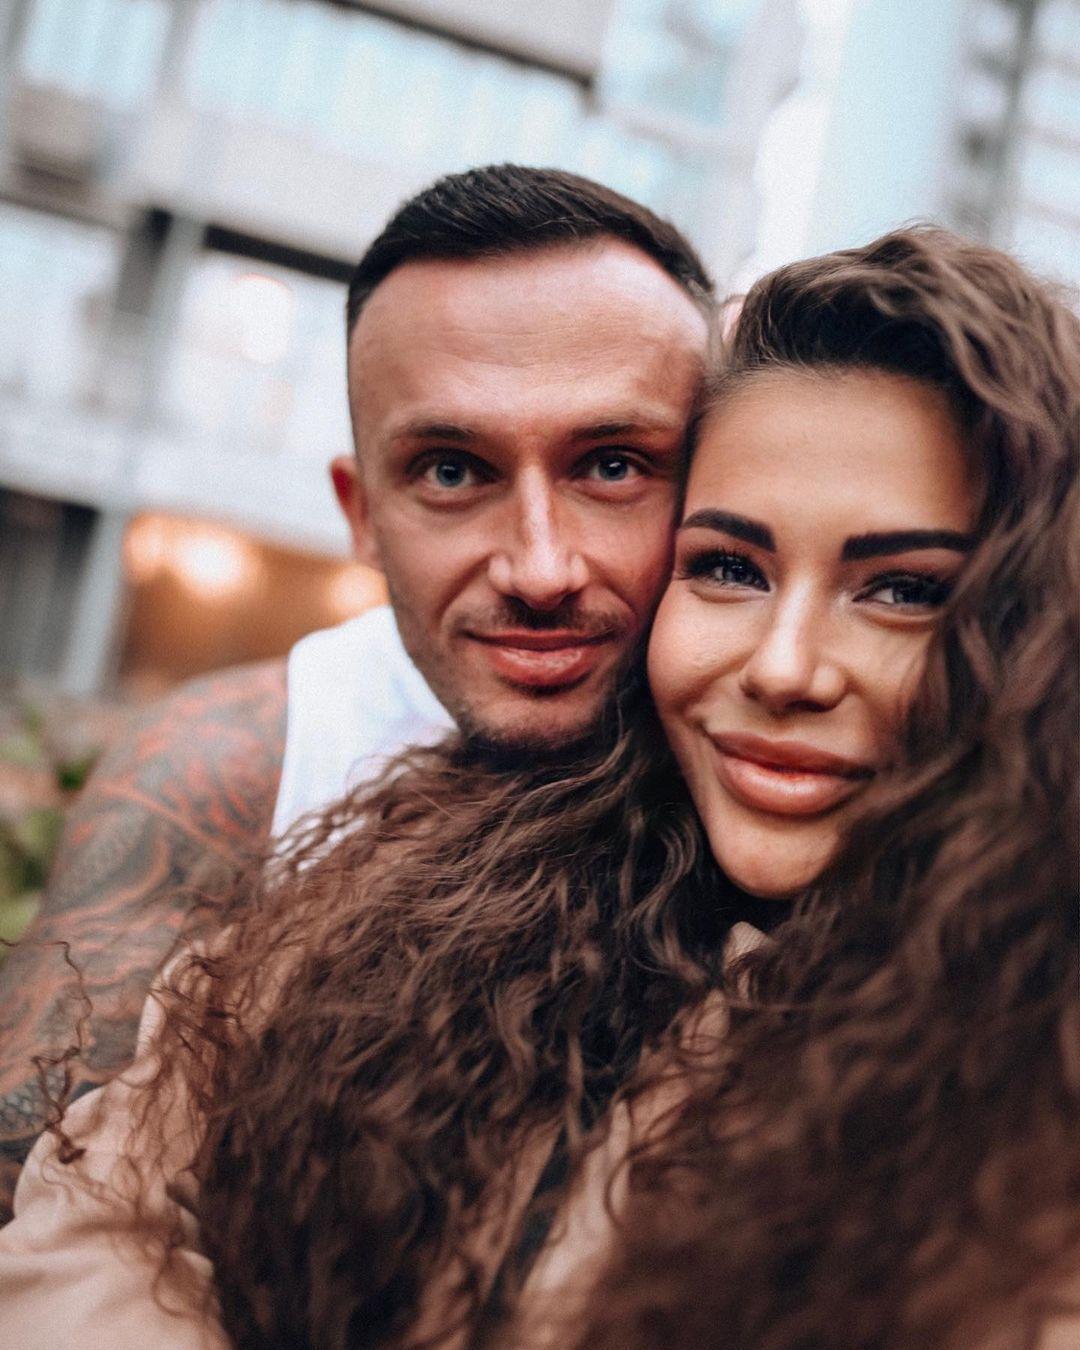 Колишній чоловік Софії Стужук Дмитро впав у кому